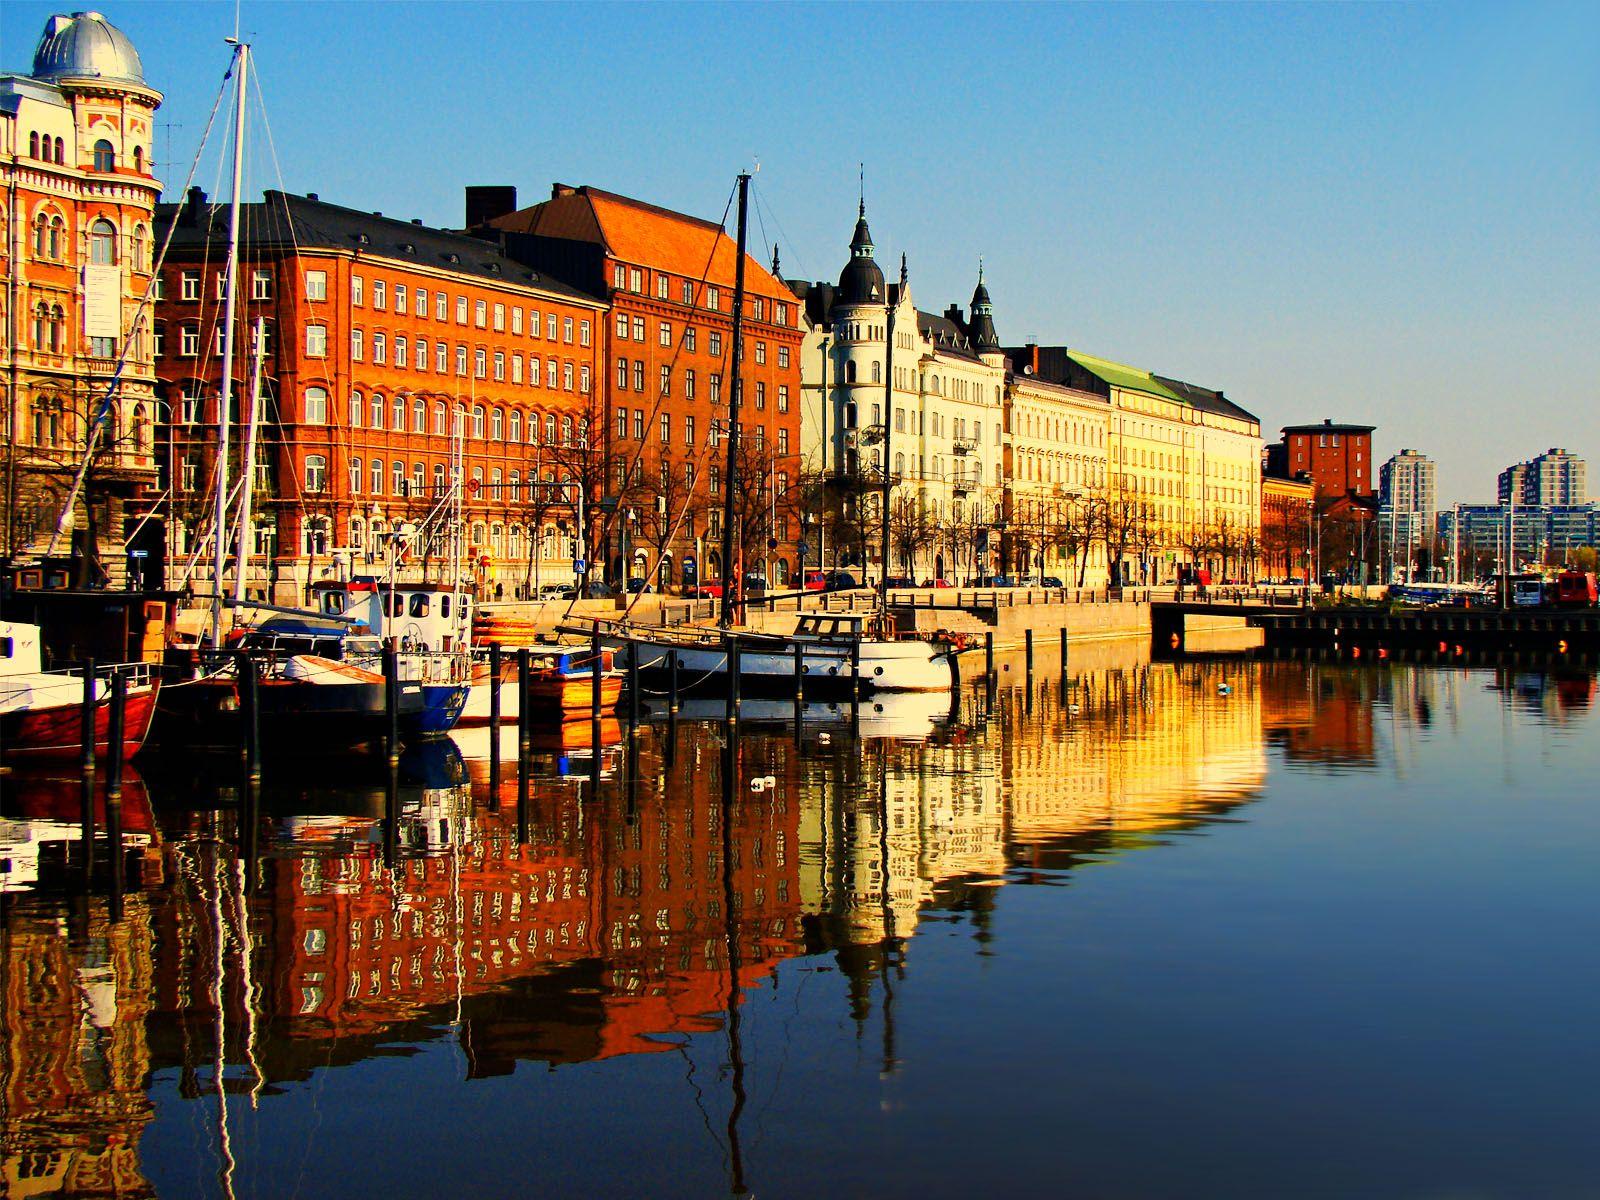 Suomenlinna, cetatea de la malul mării